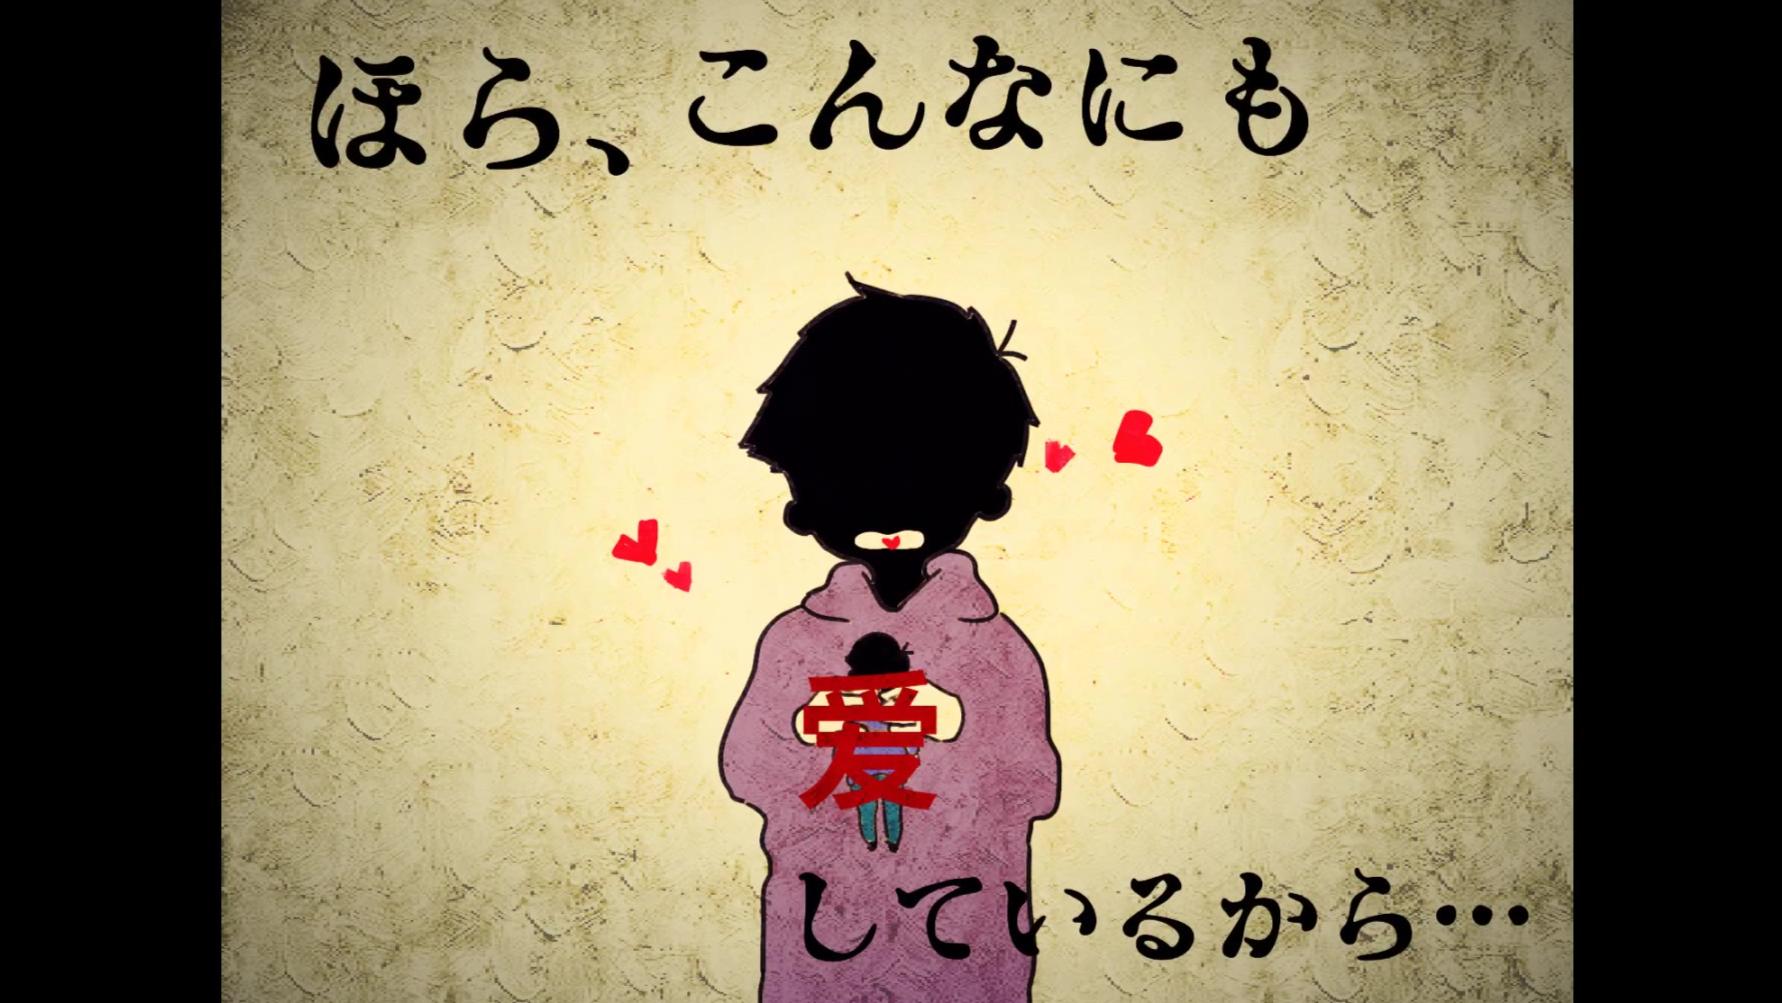 【腐向手书/阿松】腐烂女孩的变态浪漫【1KARA】